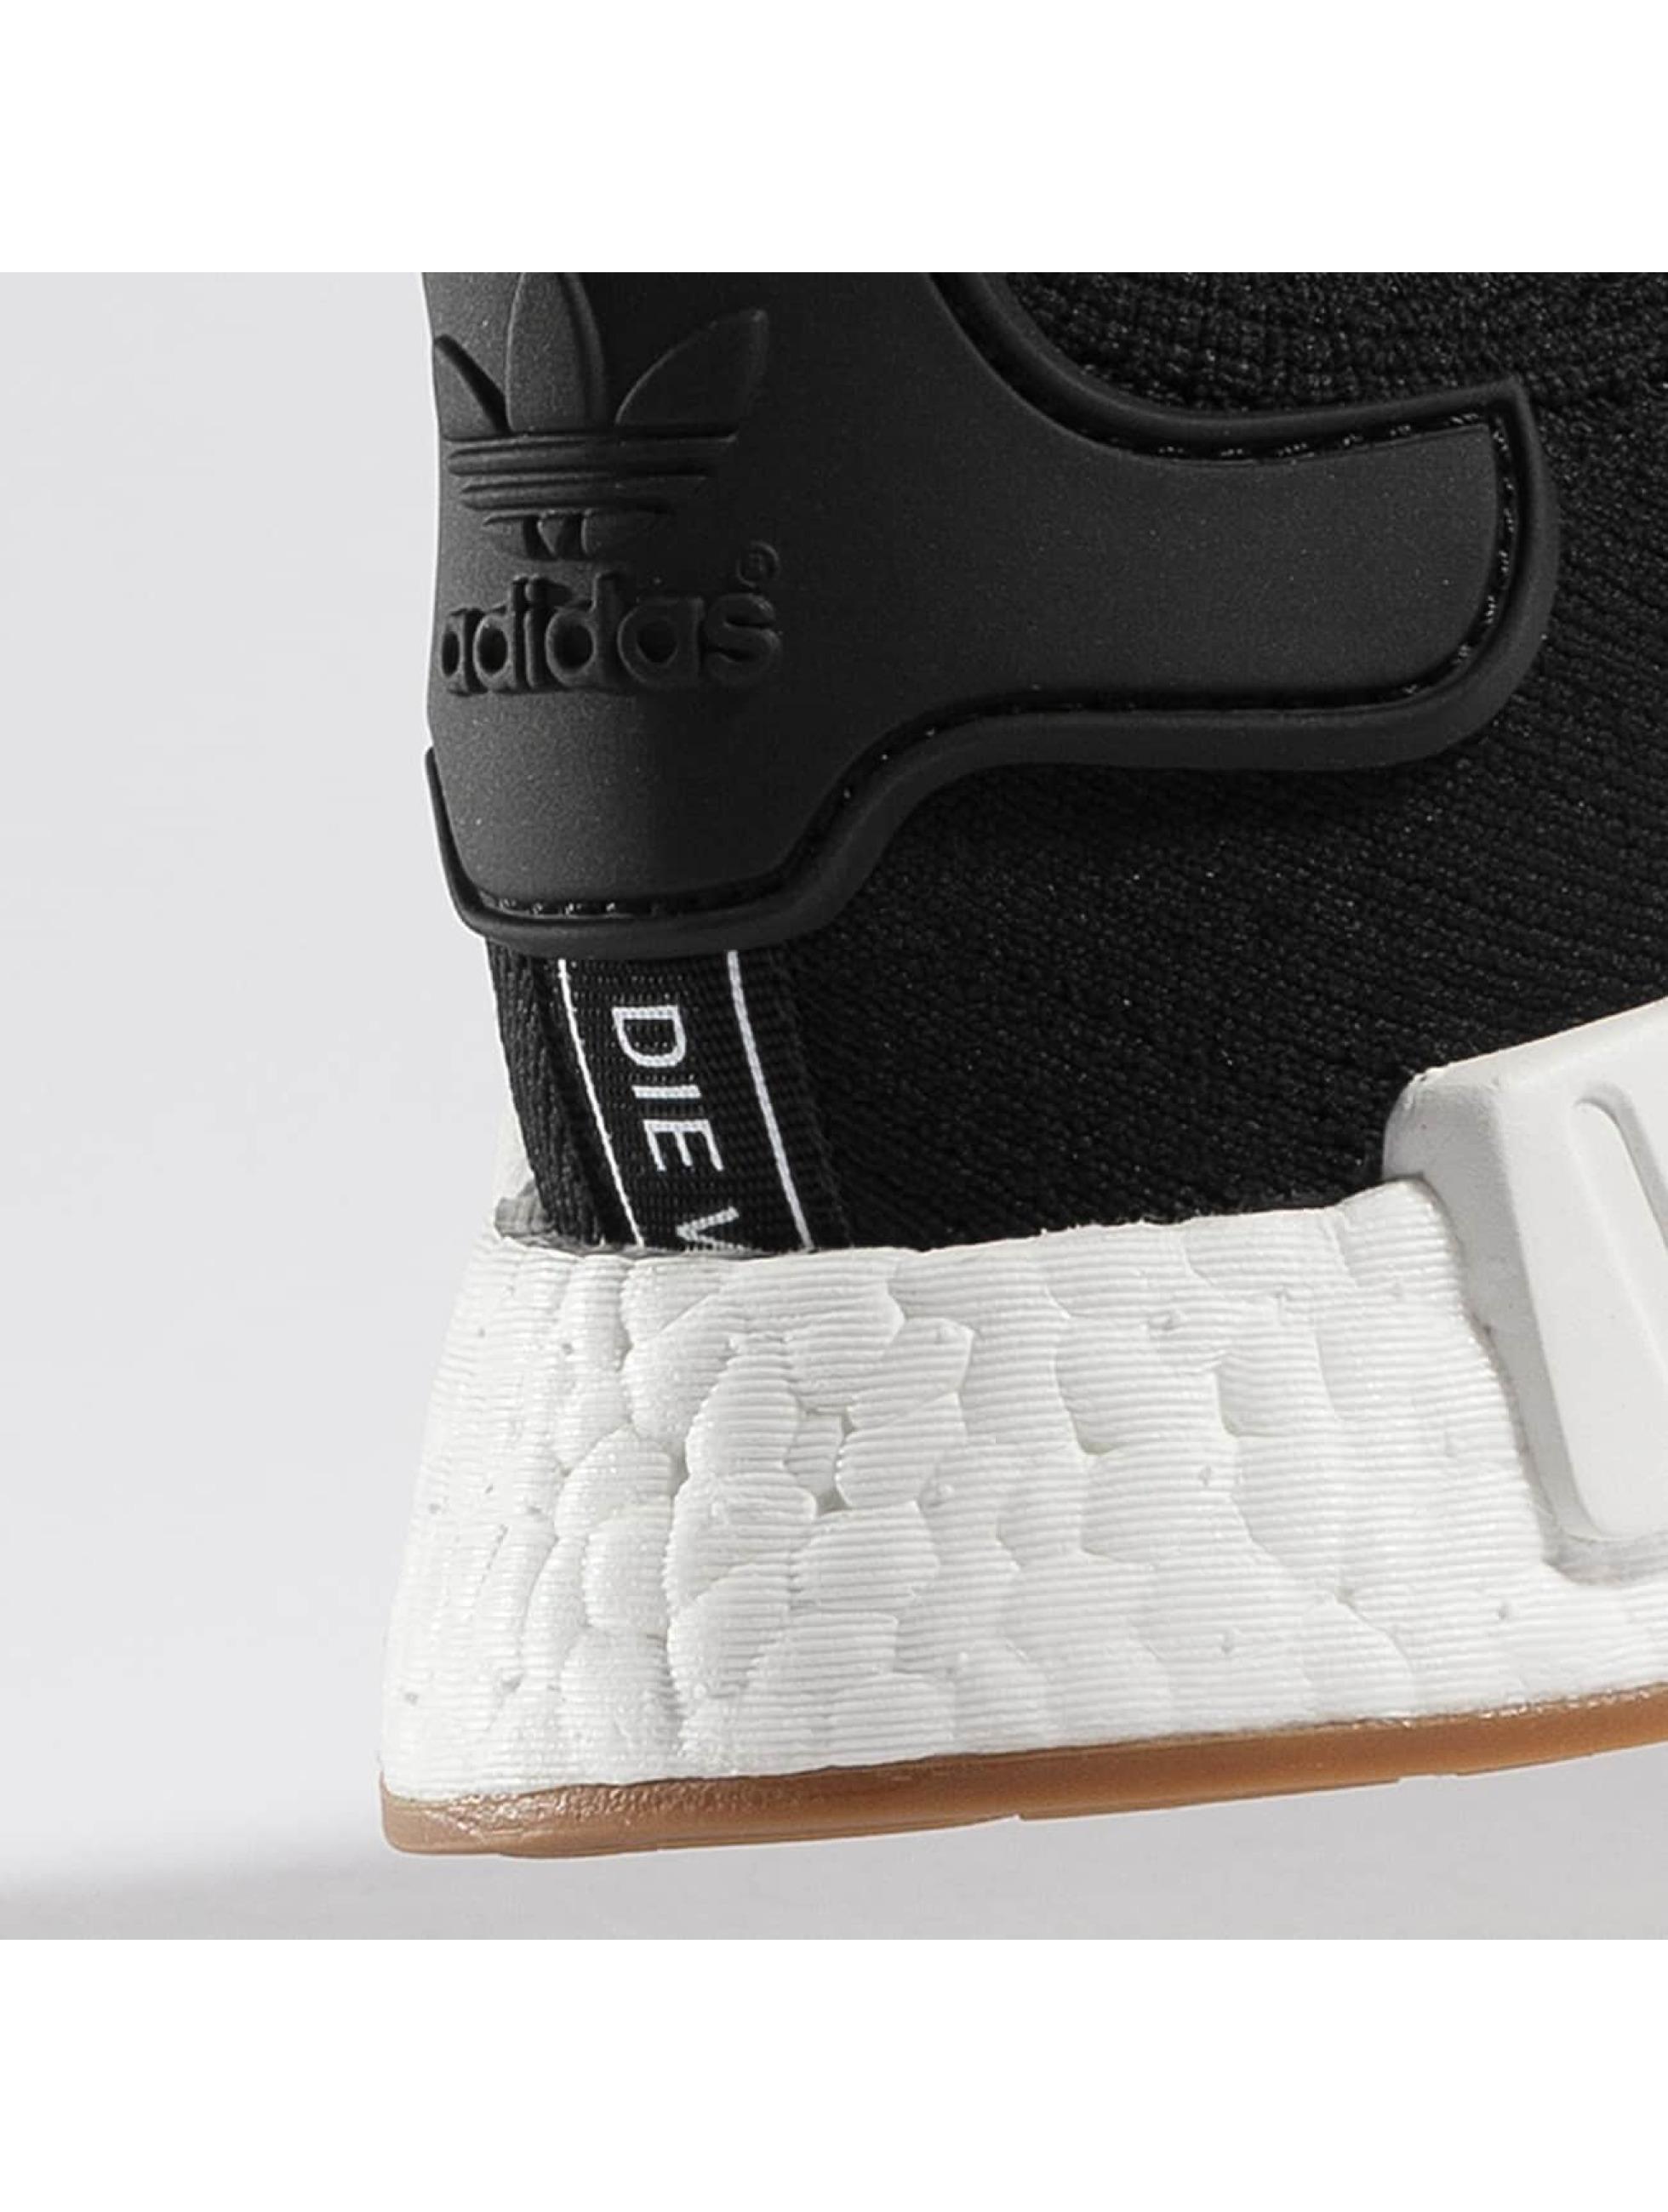 adidas Sneakers NMD R1 PK Sneakers black